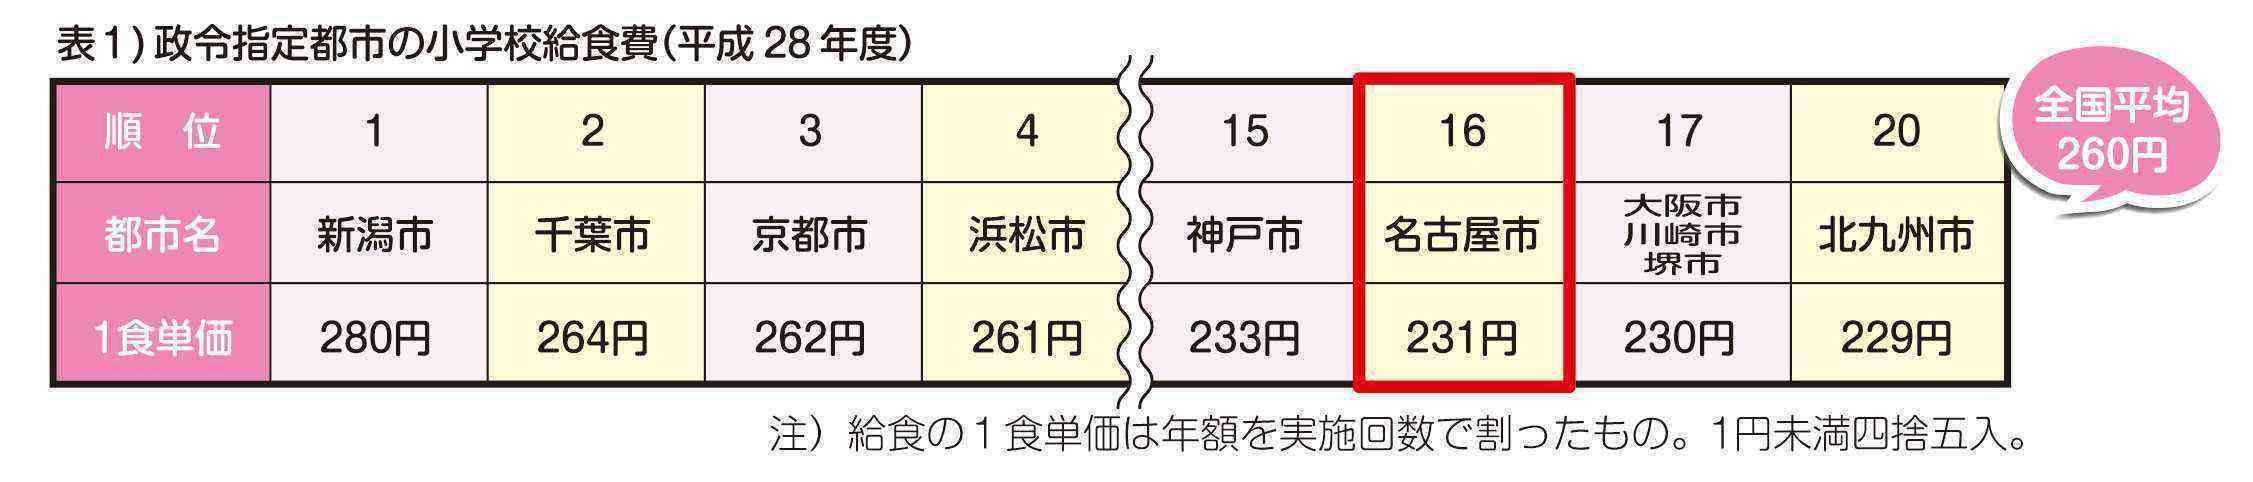 まっすぐ通信59_表1 (1)